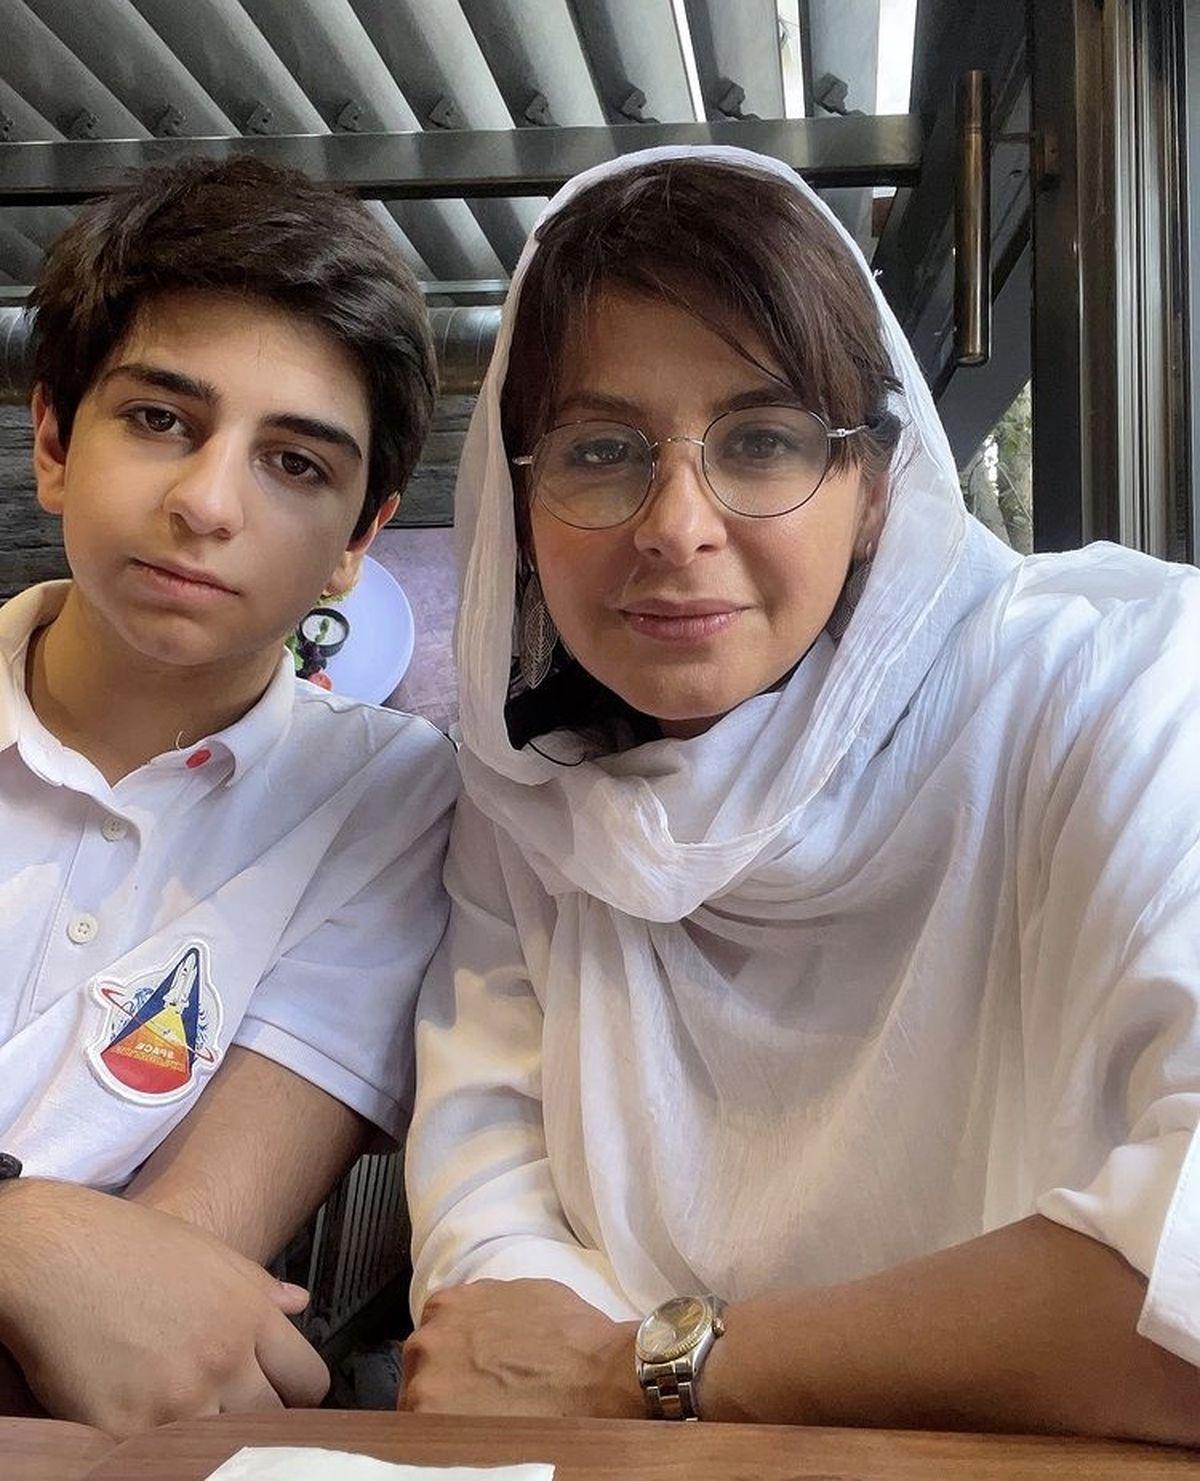 سیما تیرانداز و پسرش در یک رستوران + عکس